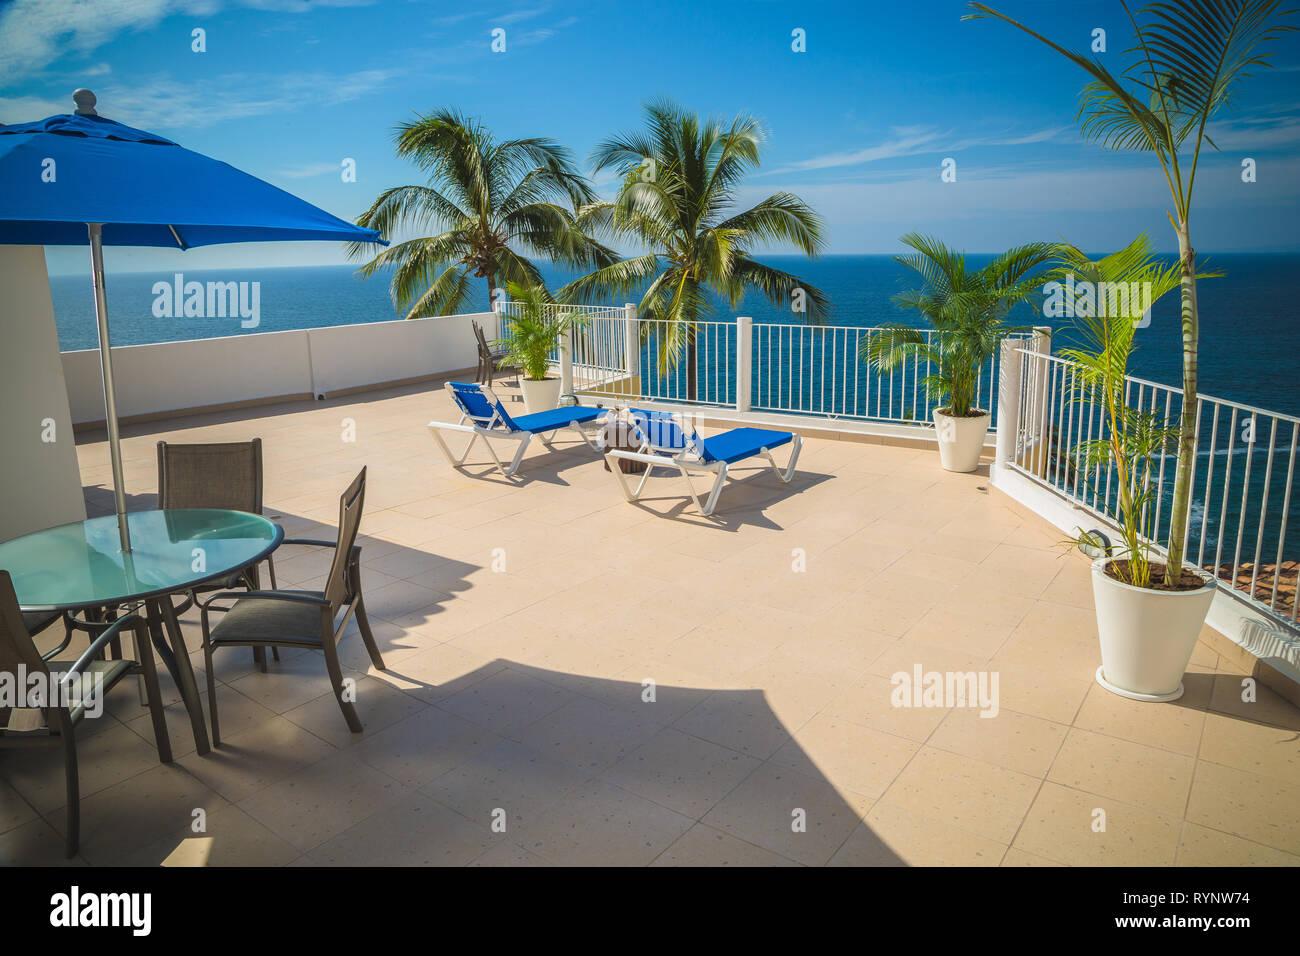 resorts  buy wonderful image sea - Stock Image